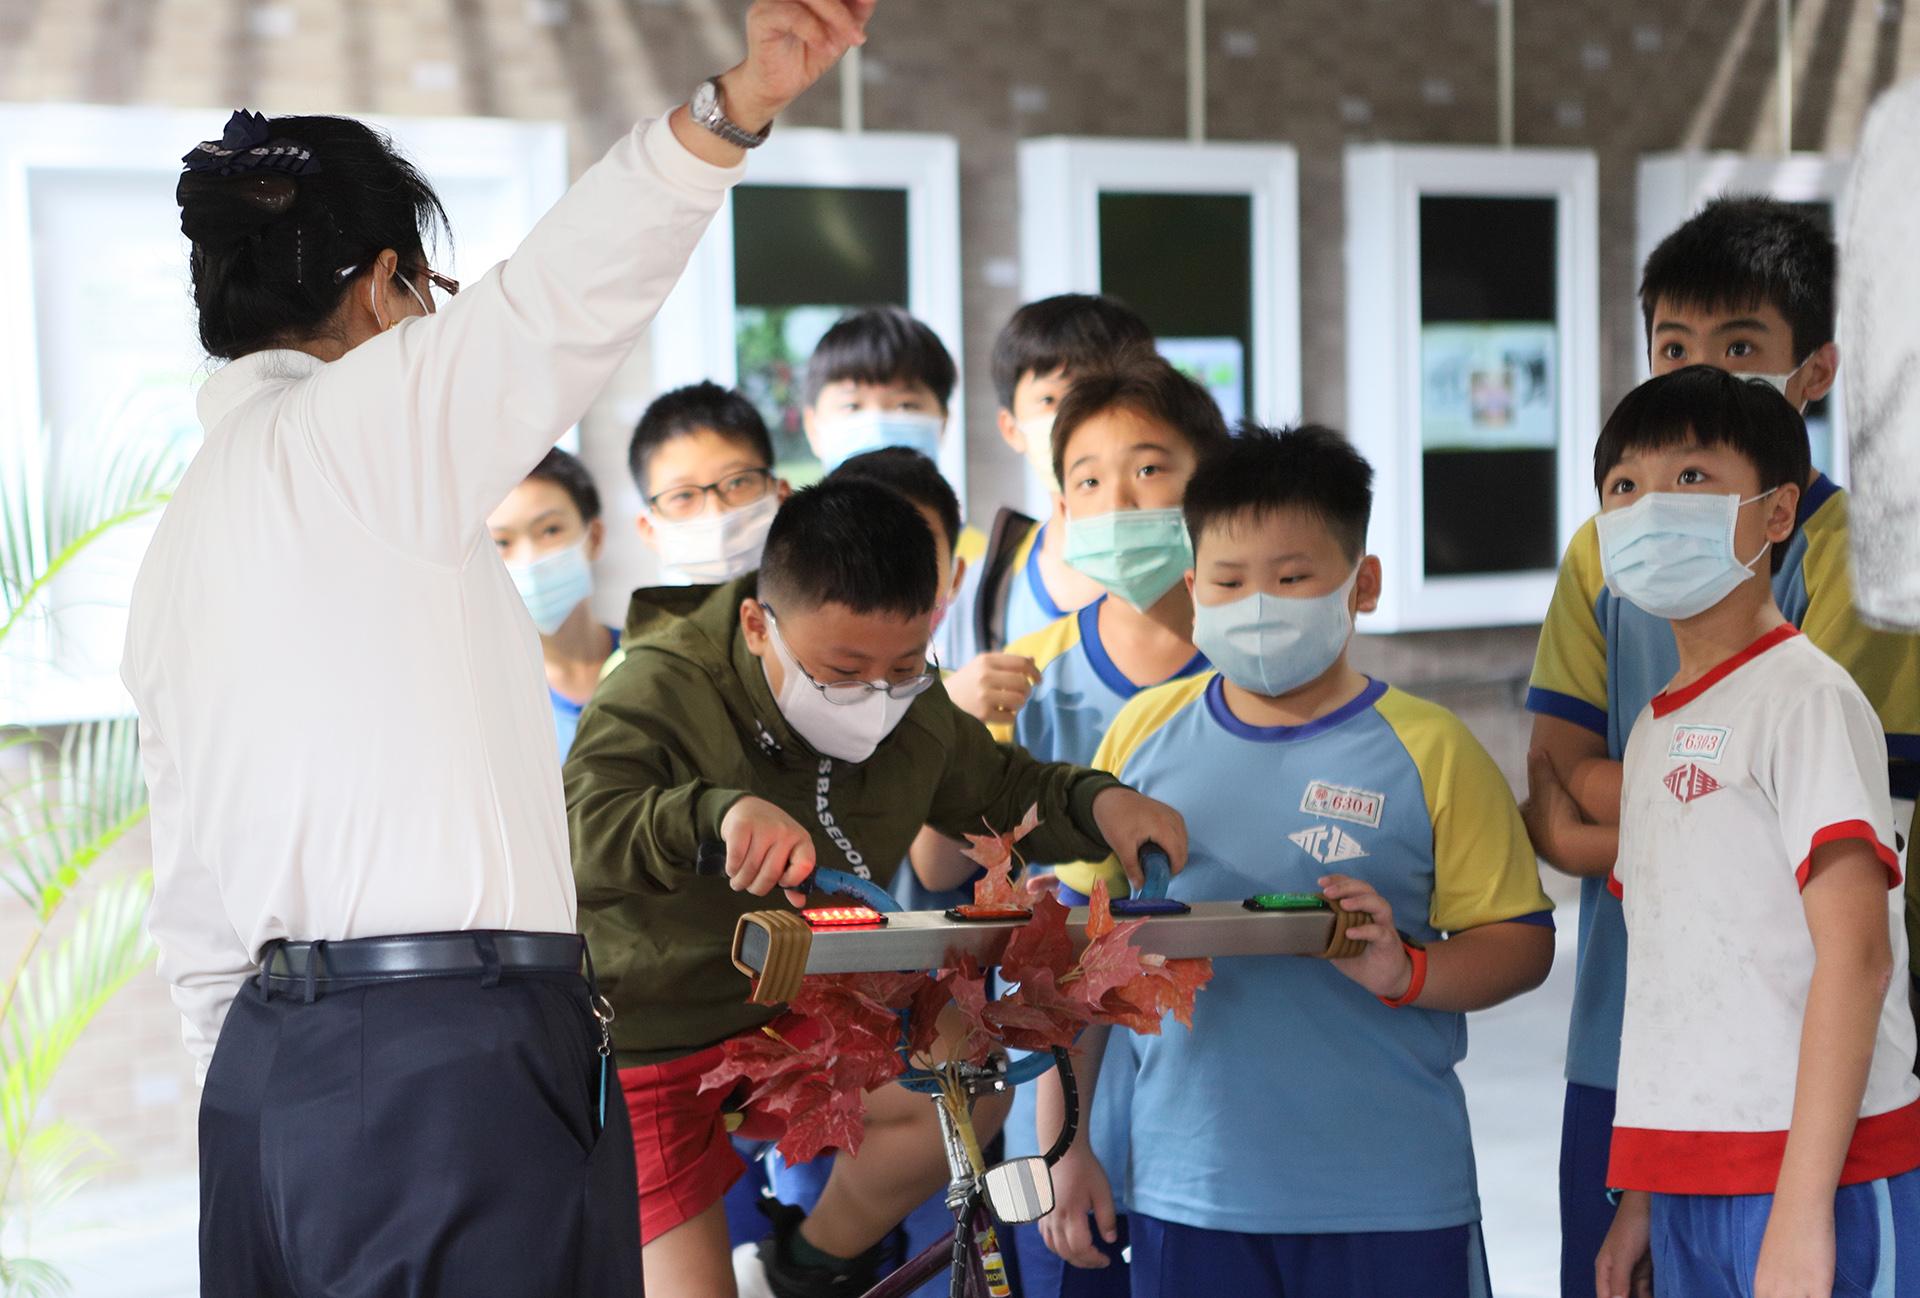 行動環保車透過分站闖關的環境教育活動,讓參觀者能對環保觀念有進一步提升。